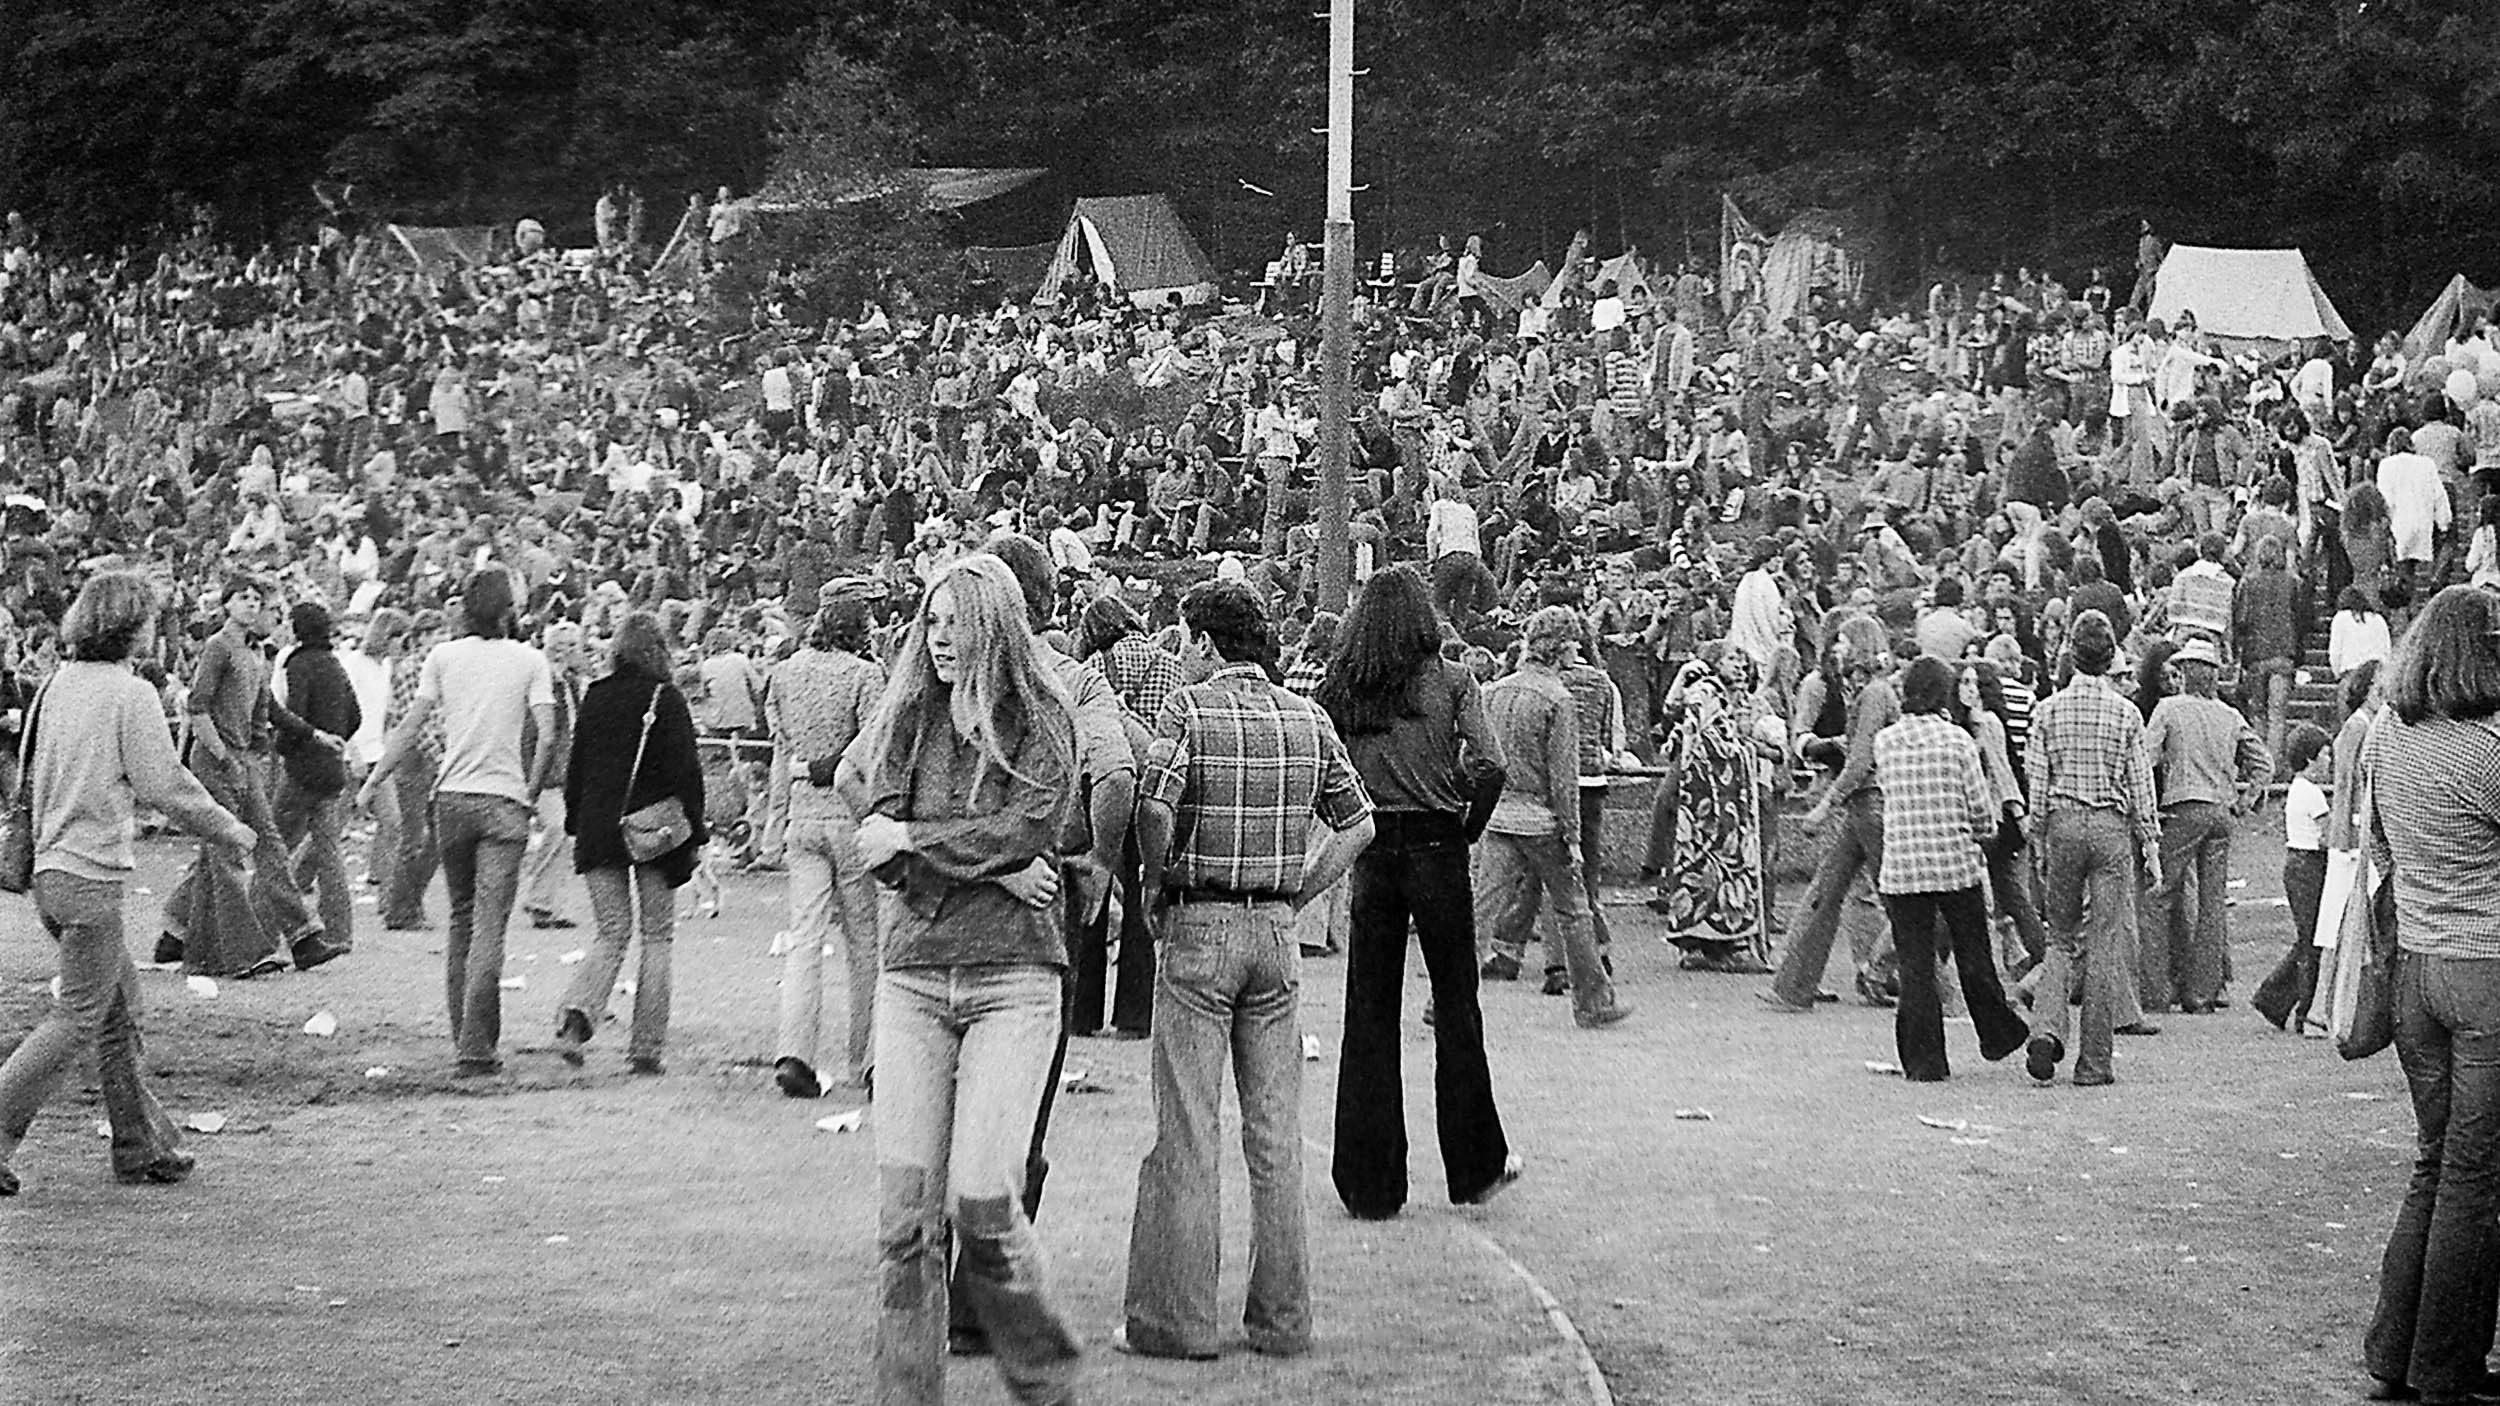 BesucherInnen Umsonst&Draussen Festival 1977 Jahnstadion Vlotho